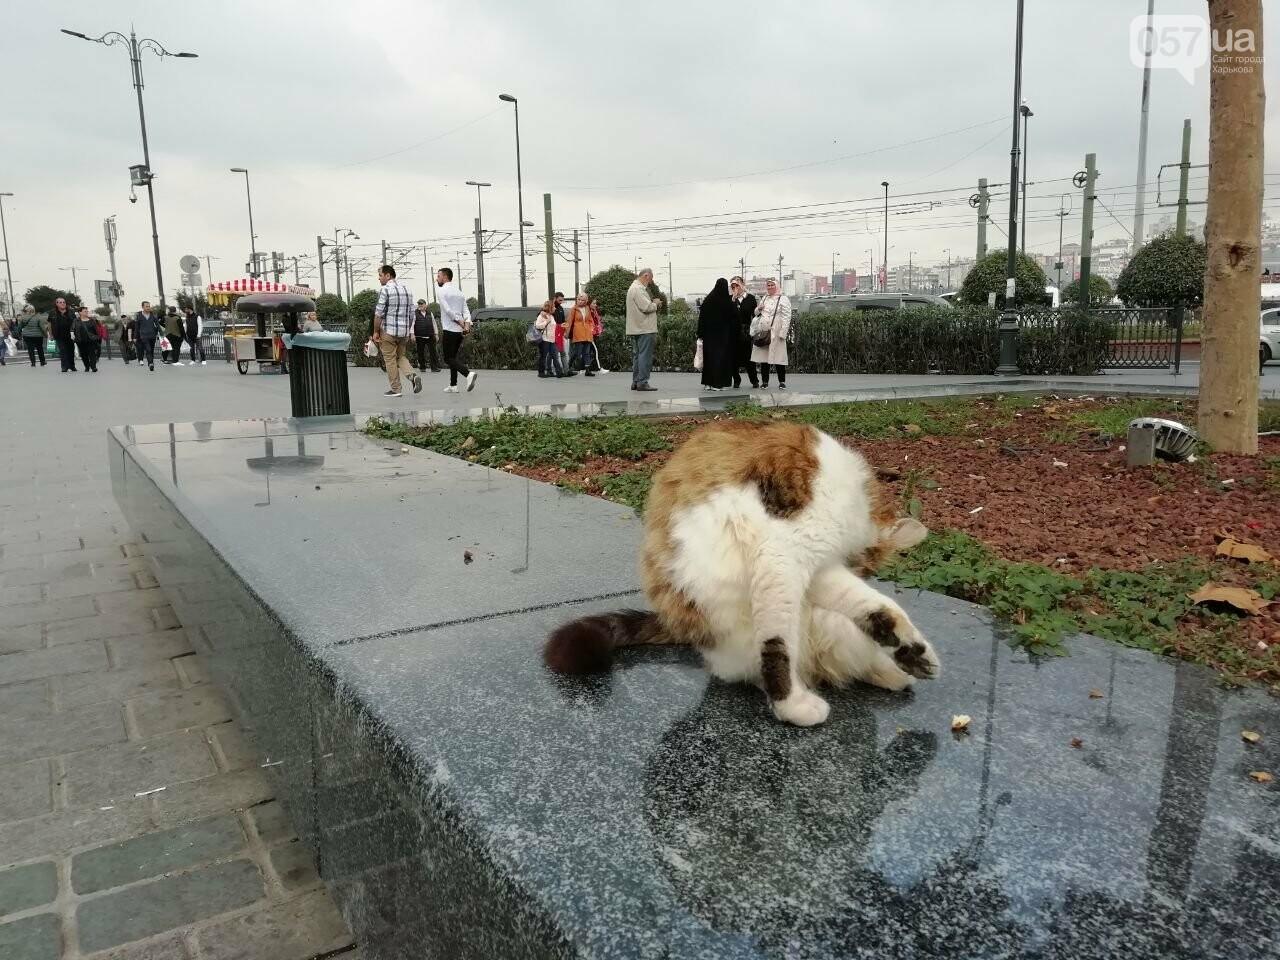 Из Харькова в Стамбул. Как добраться, что попробовать и на что посмотреть в турецком городе, - ФОТО, фото-44